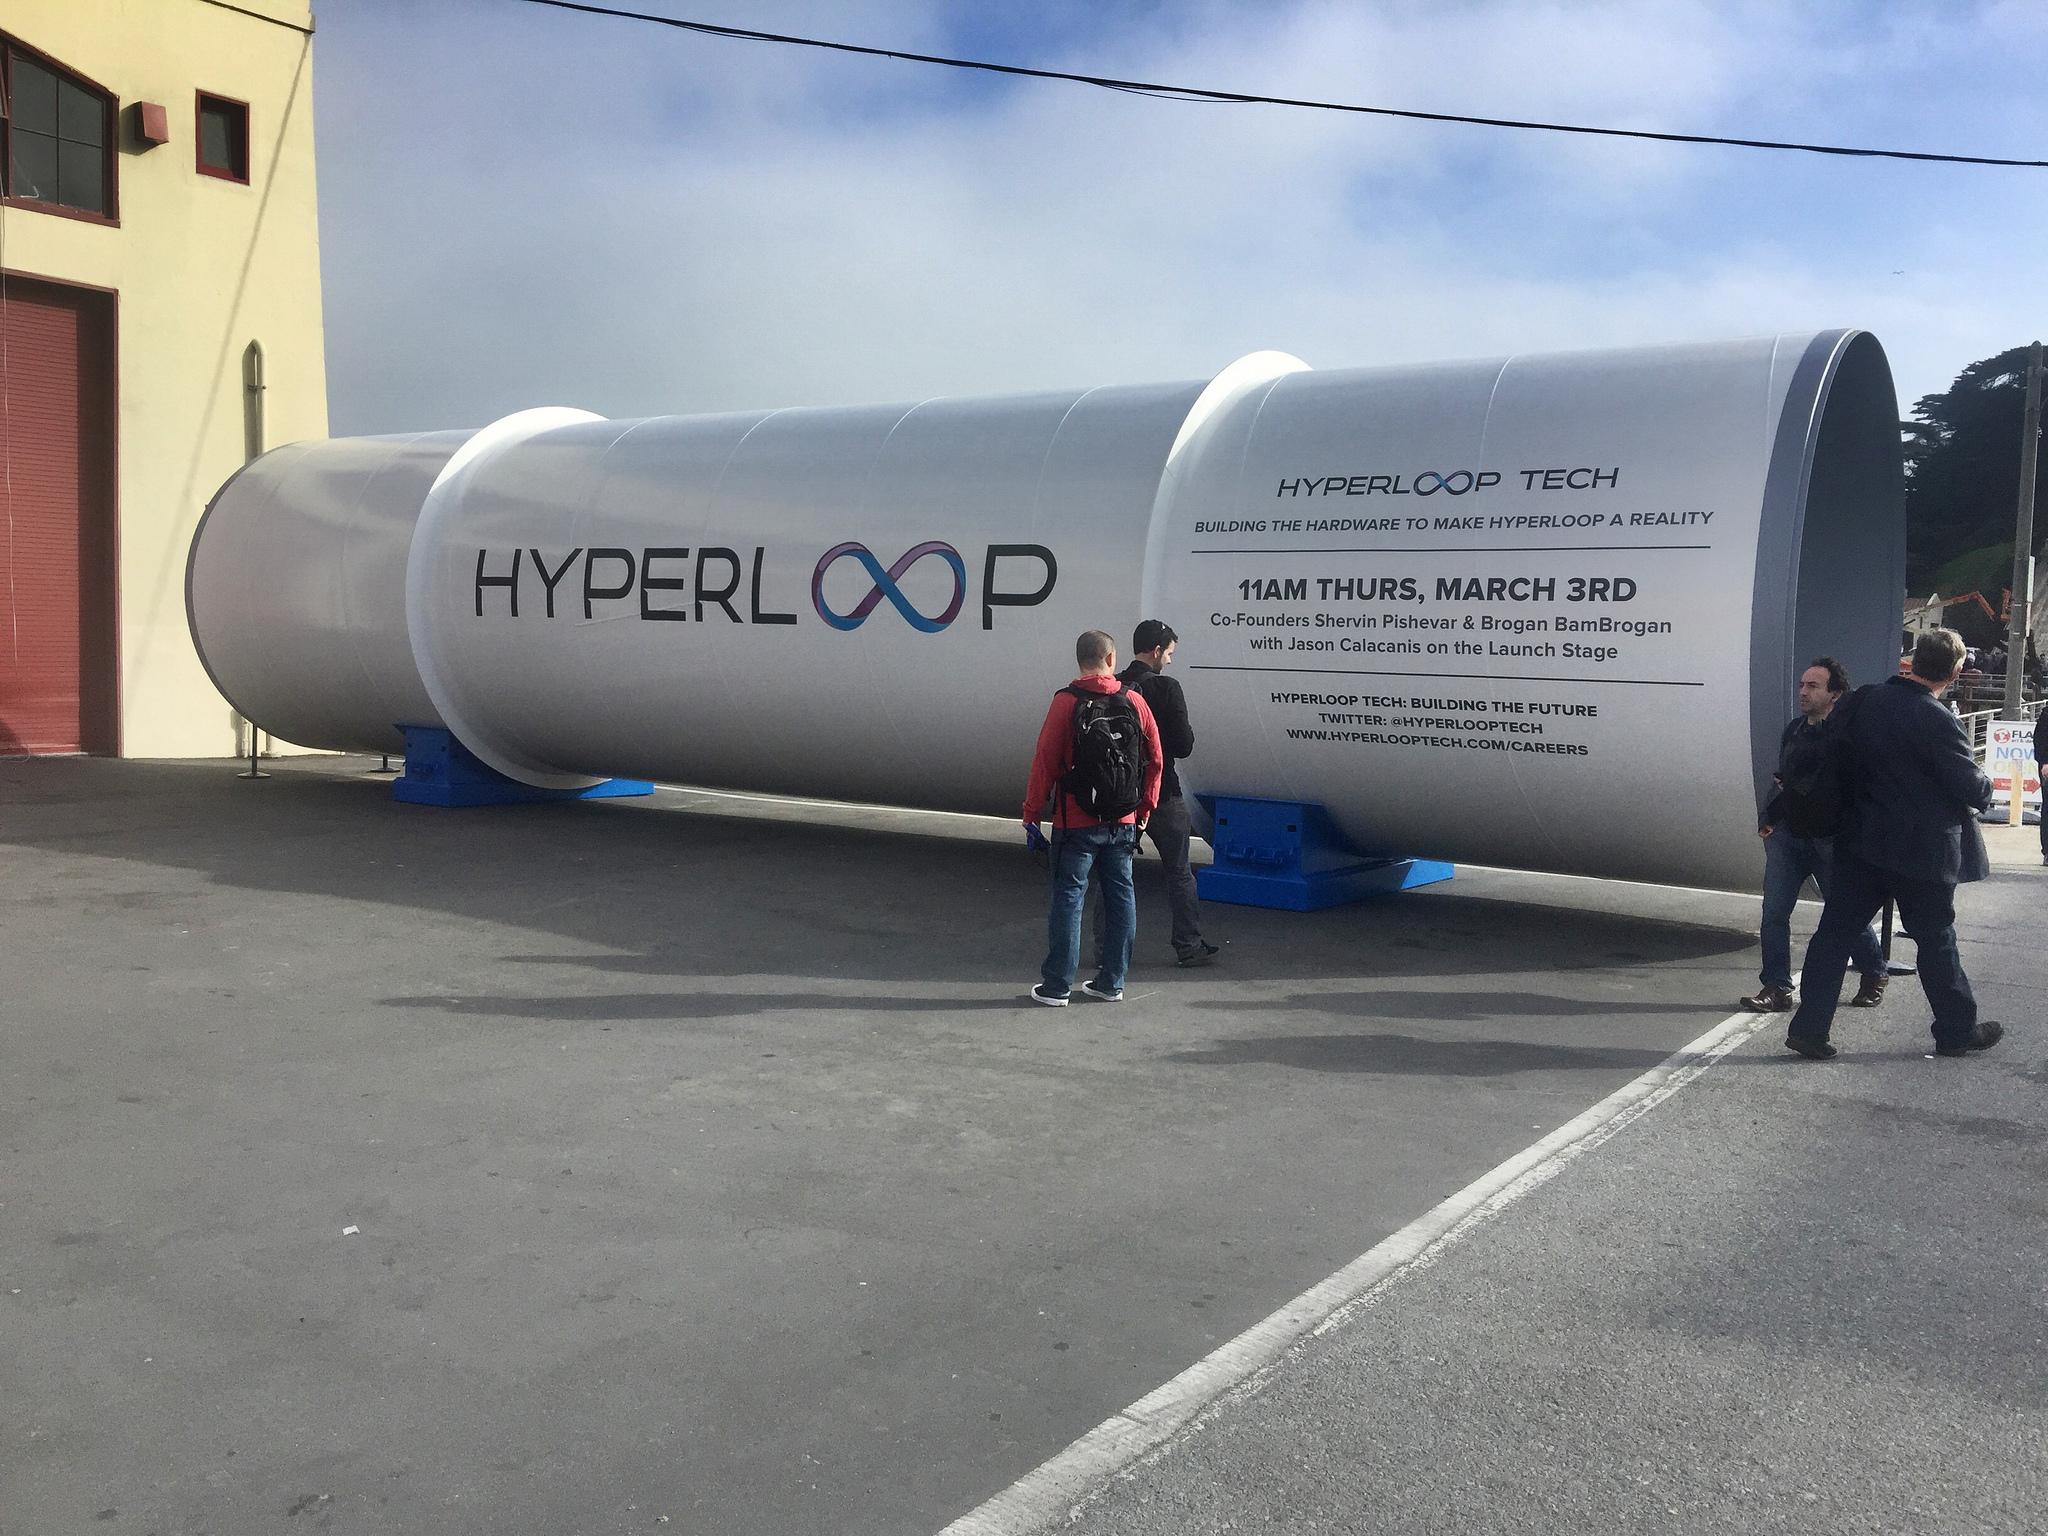 Россия увеличила инвестиции в американскую Hyperloop